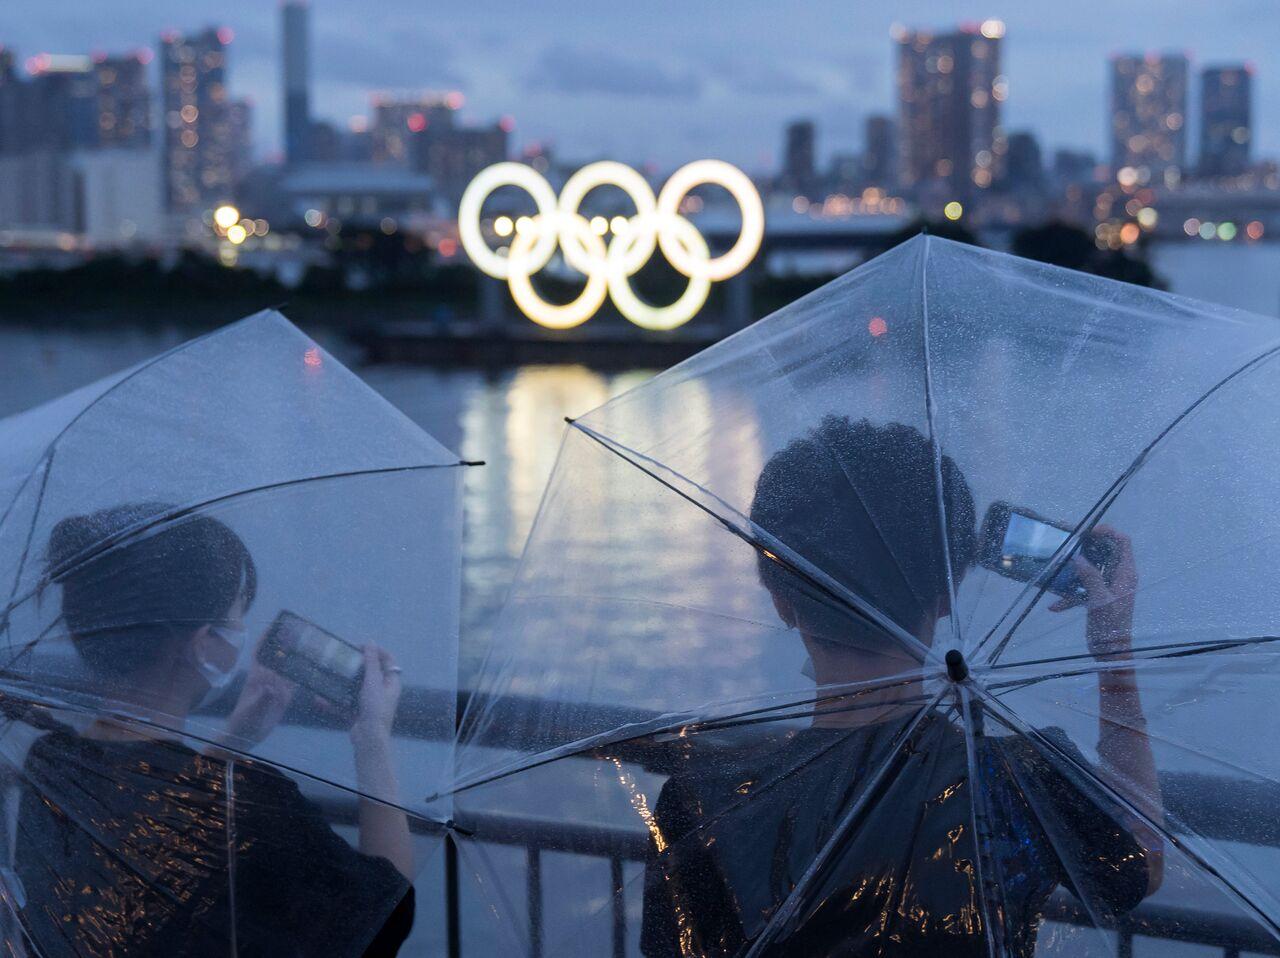 توکیو برای مقابله با کرونا در المپیک یک میلیارد دلار هزینه میکند